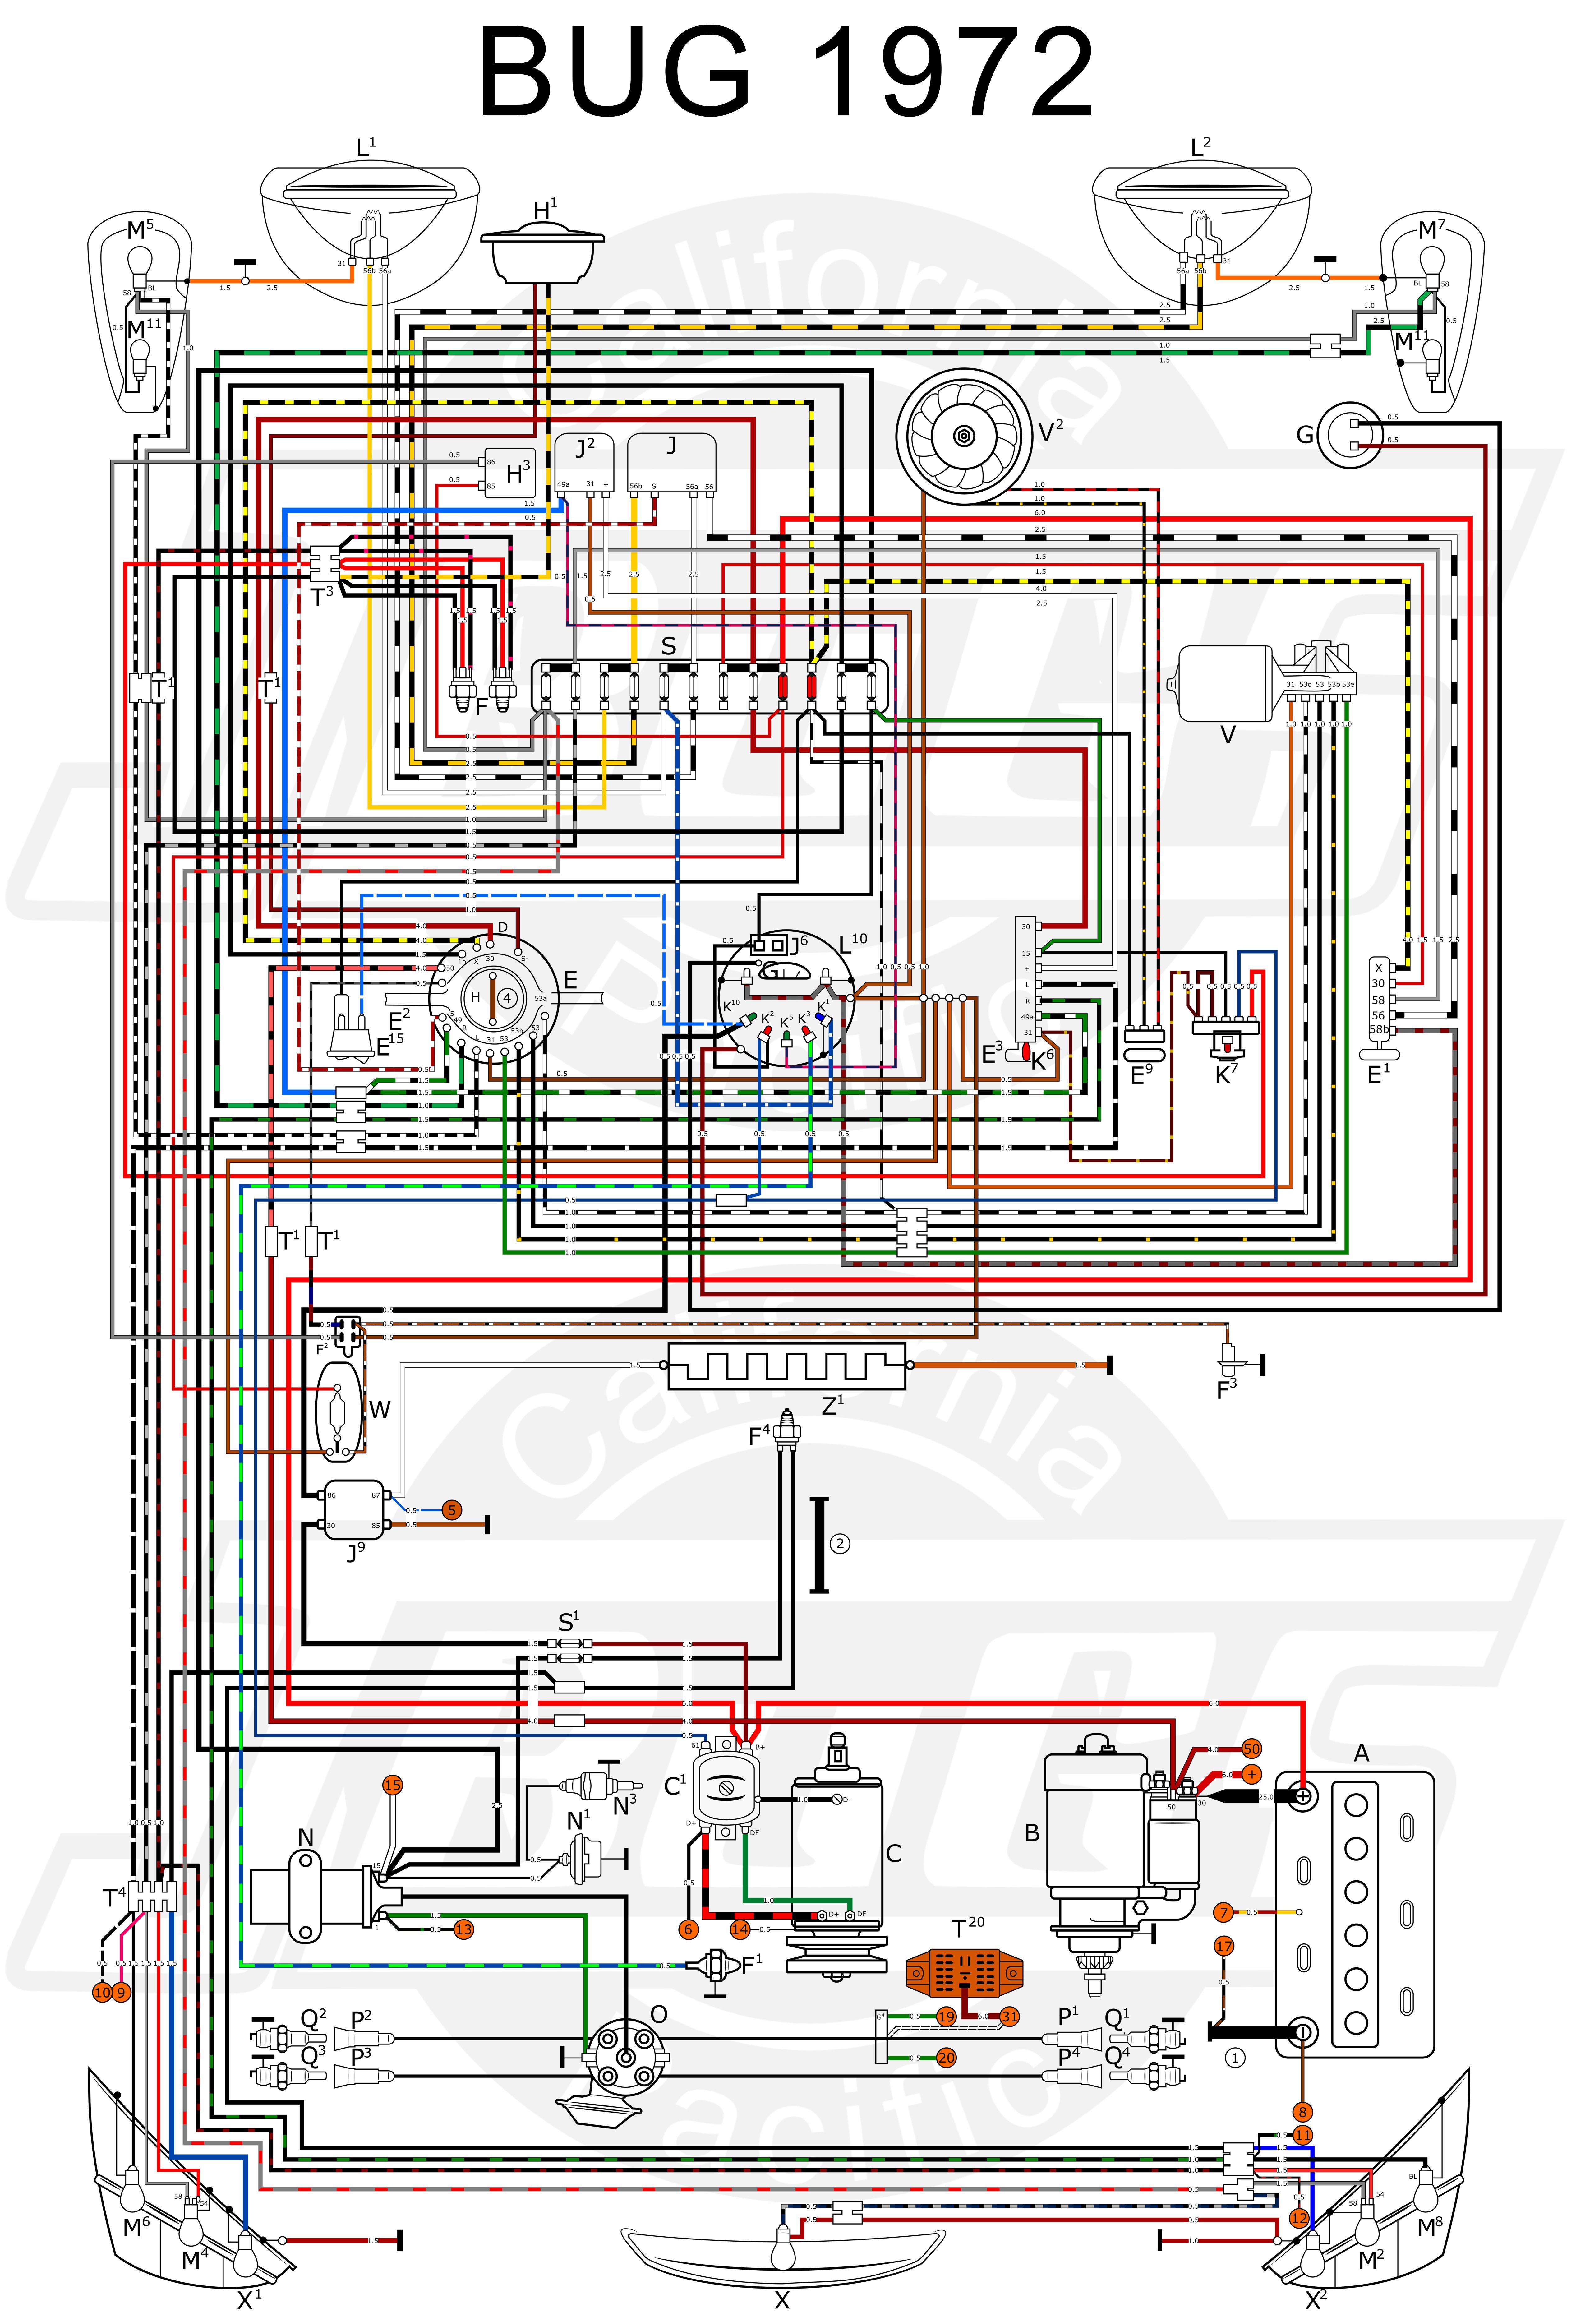 Vw Engine Diagram Wiring In Color 1964 Bug Beetle Rh Detoxicrecenze  Starter: 1600 Vw Starter